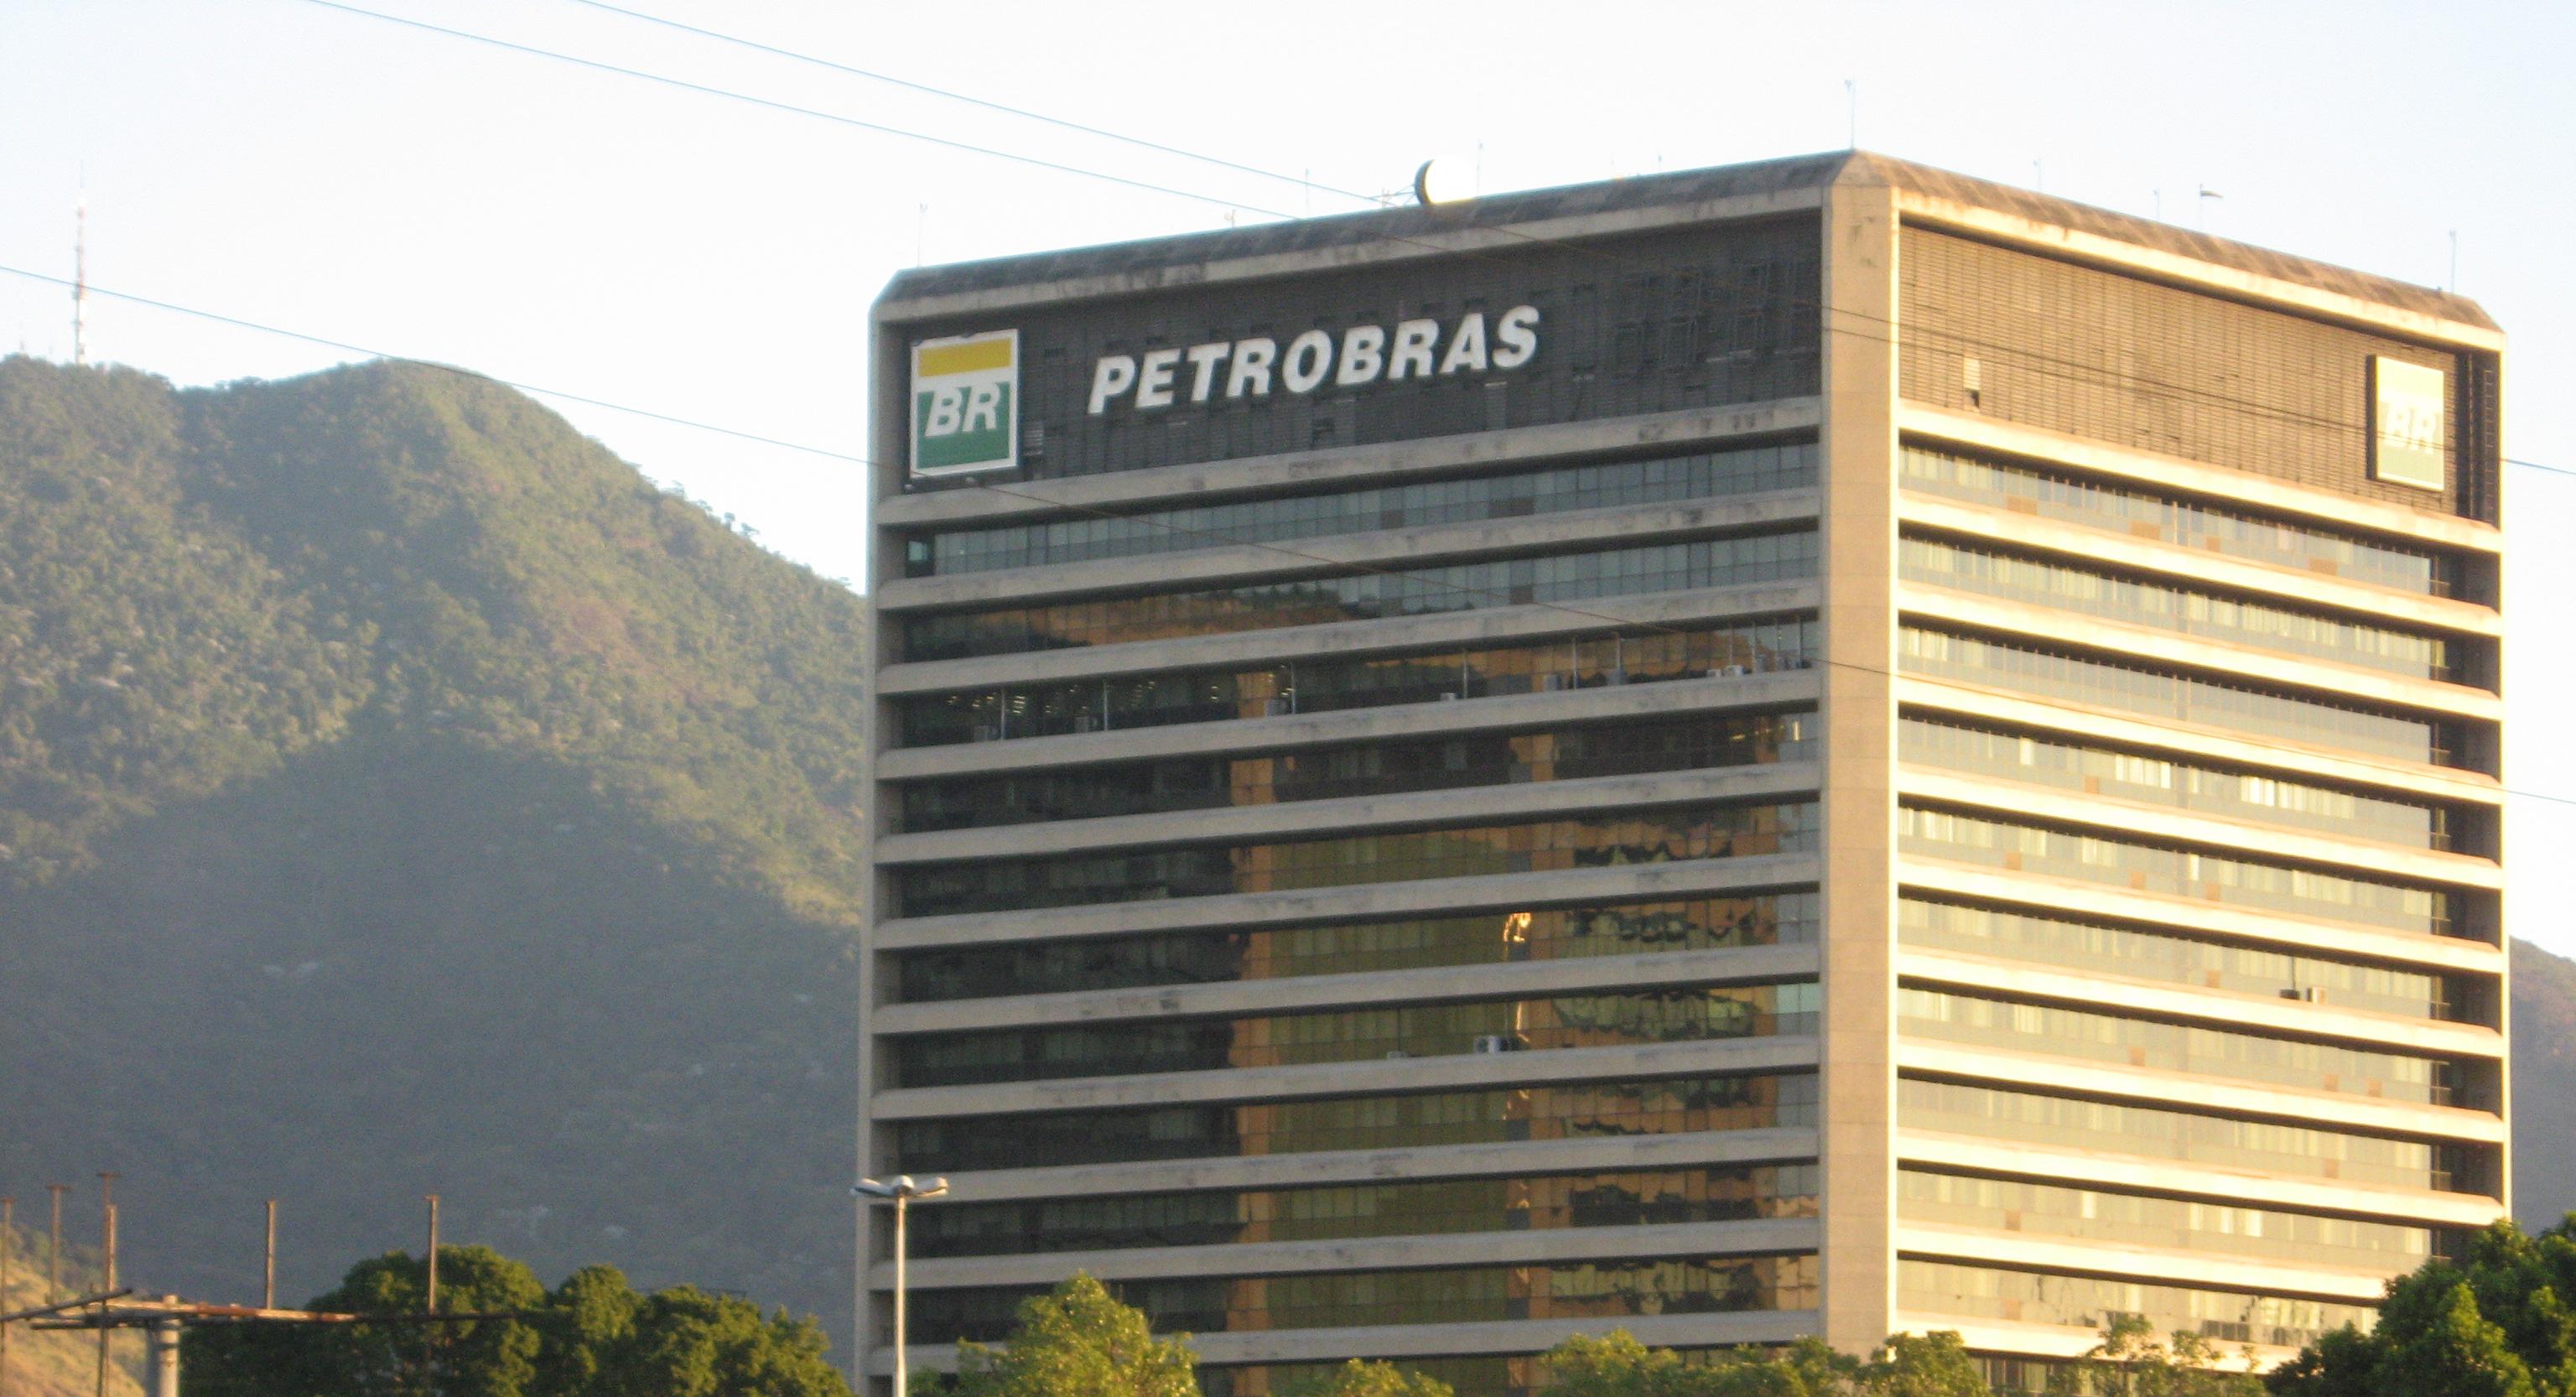 Ministro do STF suspende ações trabalhistas contra a Petrobras (PETR4)